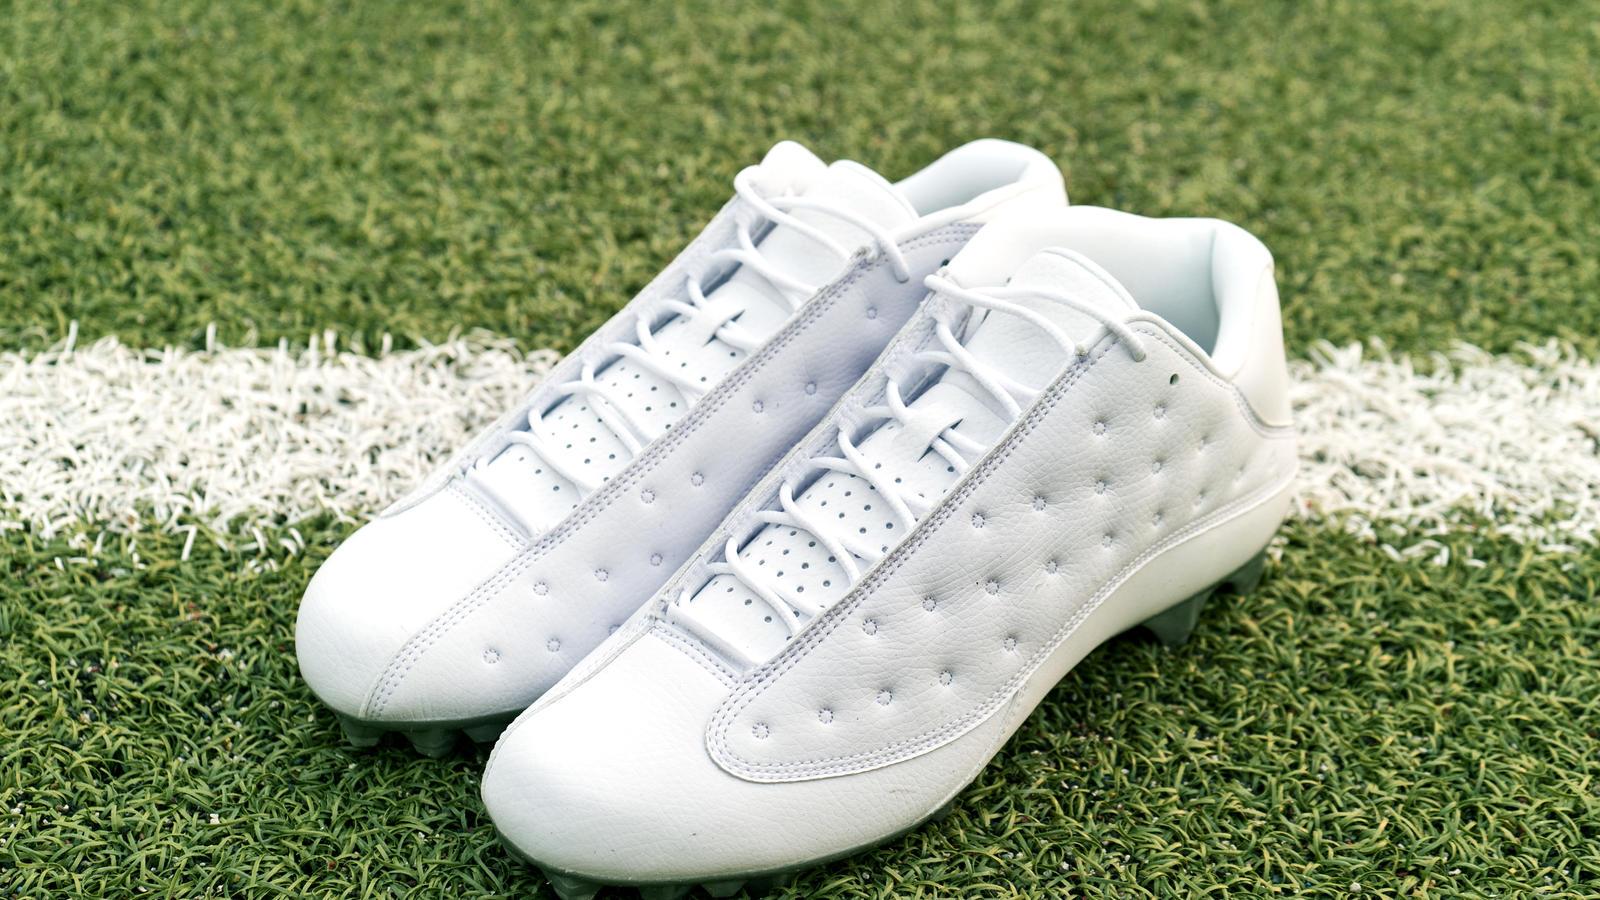 Air Jordan XIII PE Cleats - Nike News